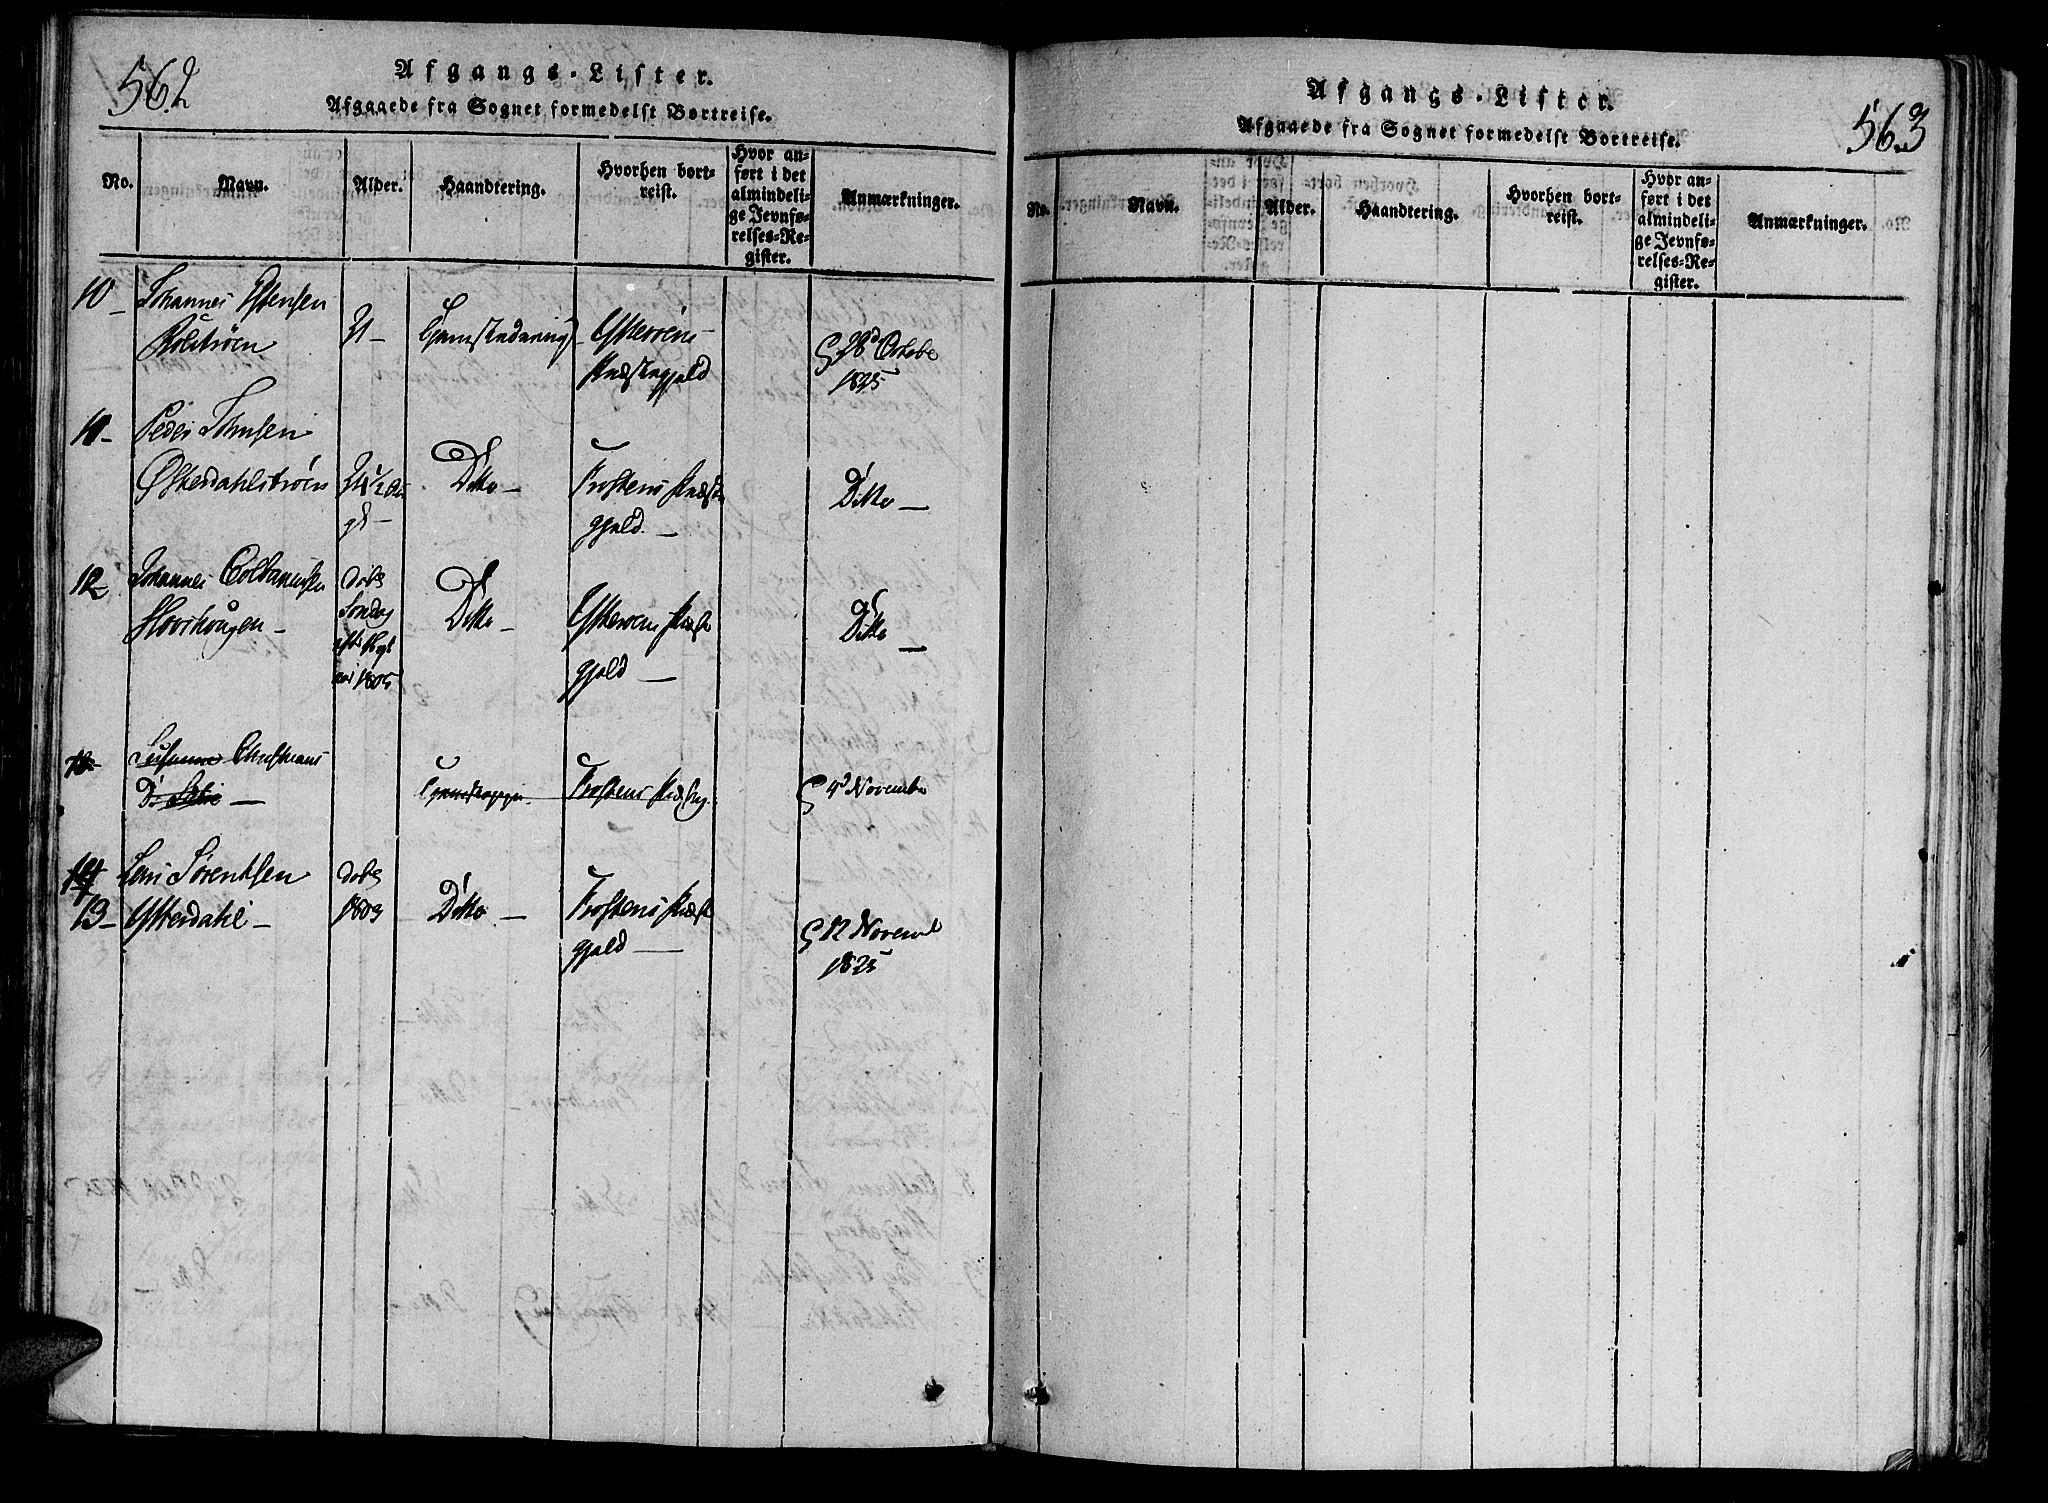 SAT, Ministerialprotokoller, klokkerbøker og fødselsregistre - Nord-Trøndelag, 701/L0005: Ministerialbok nr. 701A05 /1, 1816-1825, s. 562-563